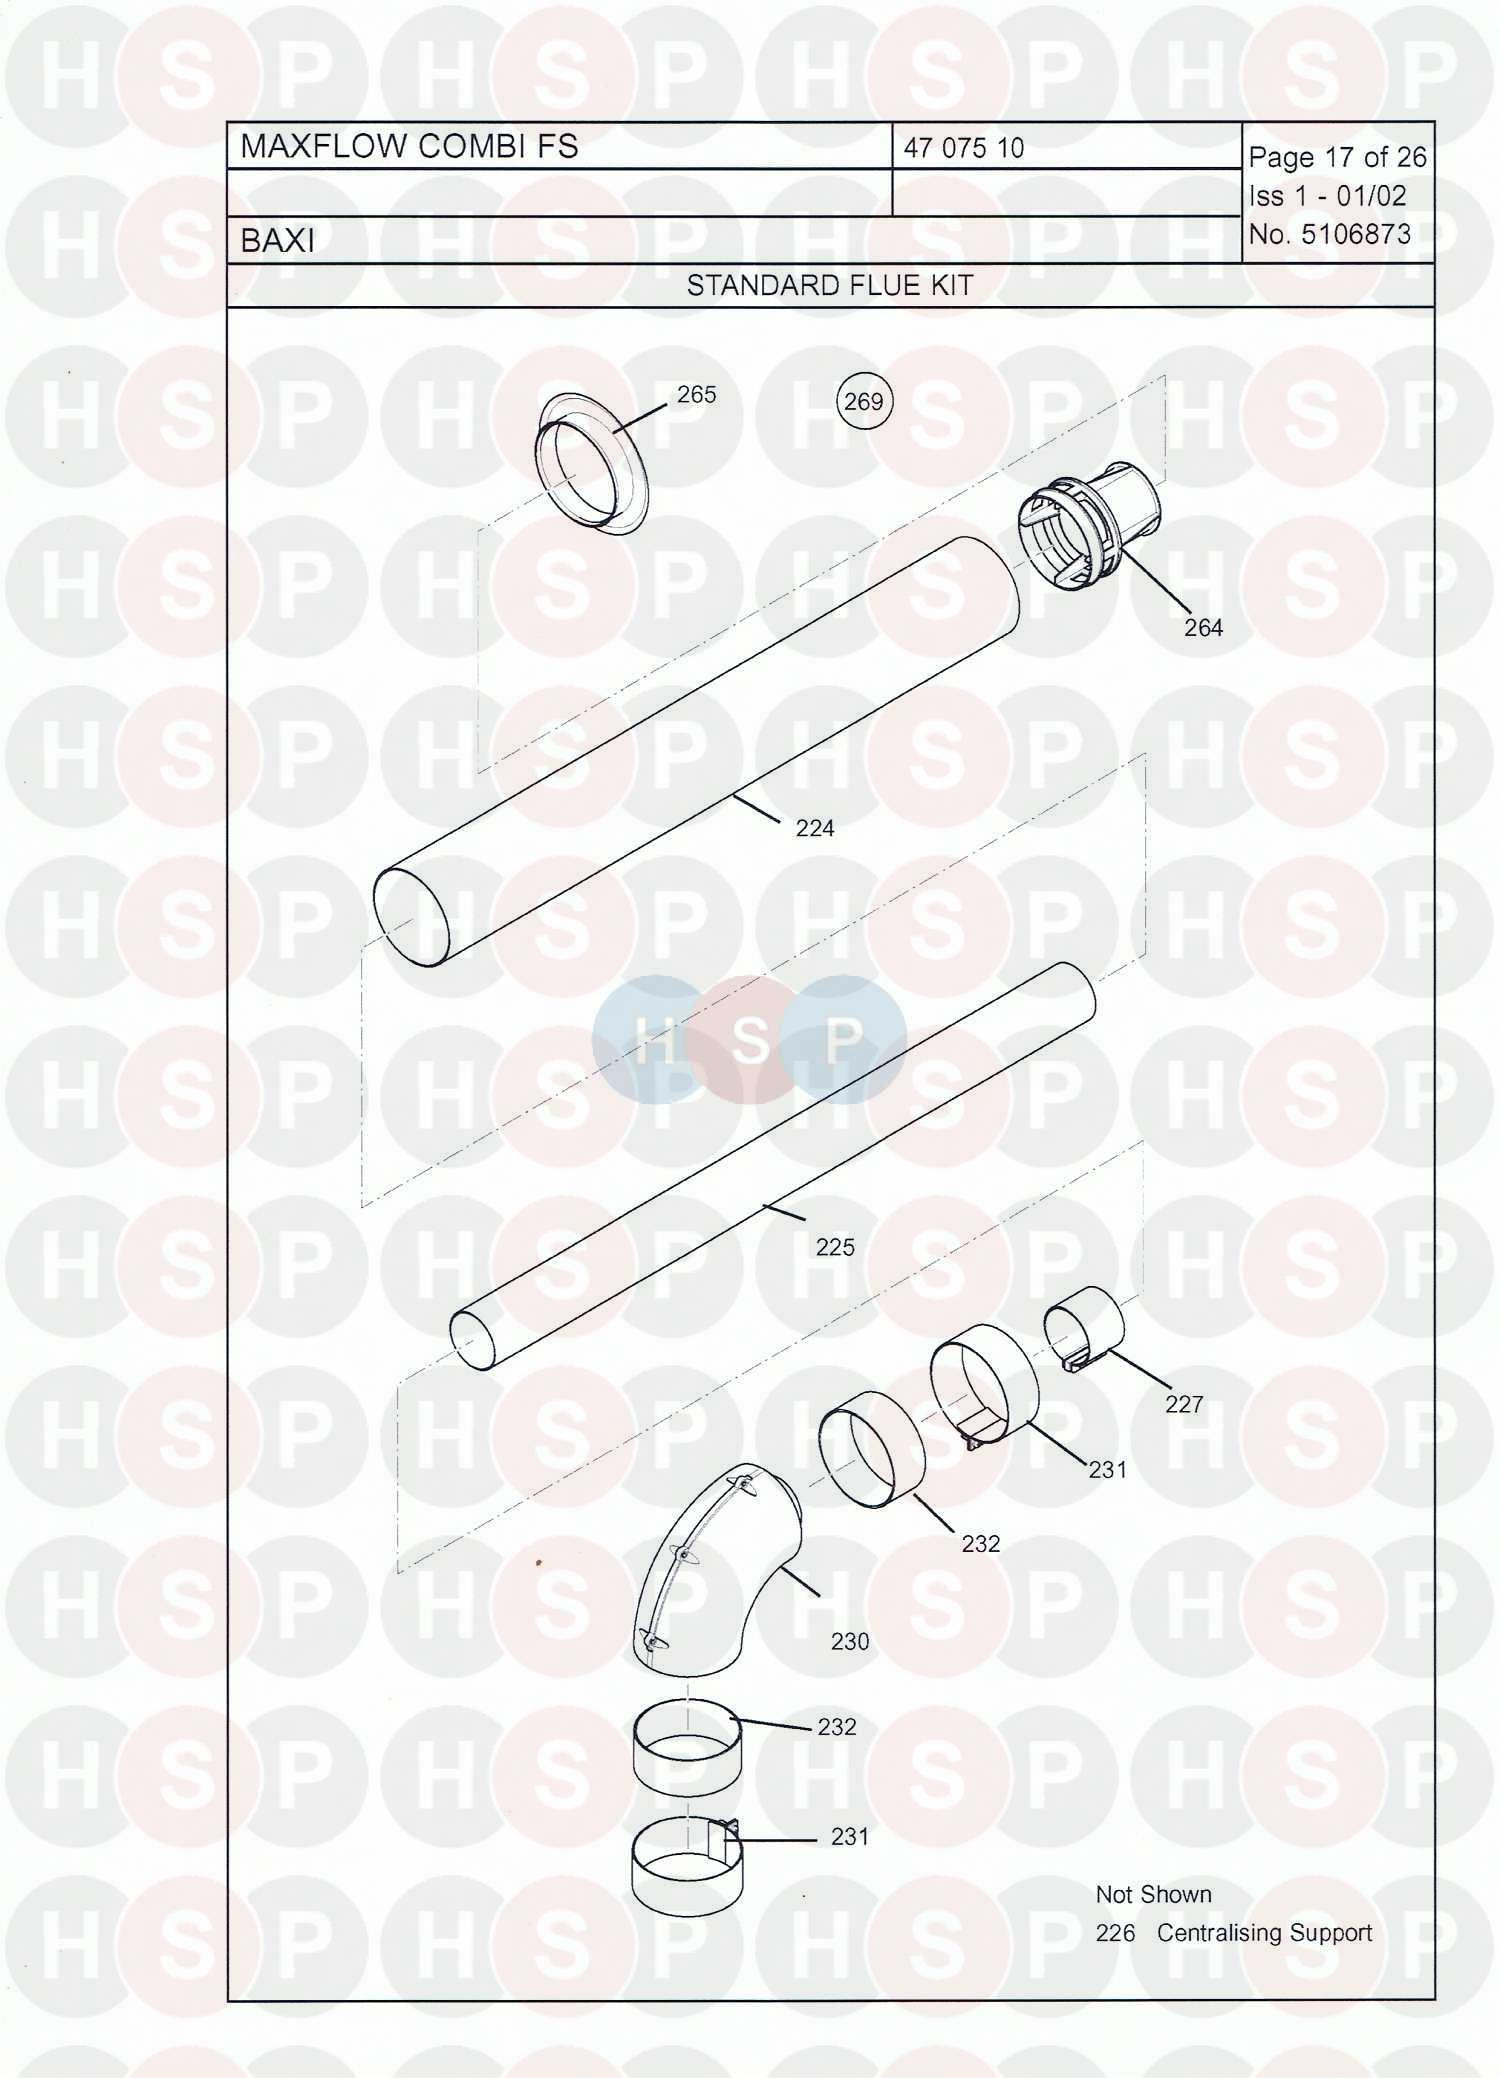 baxi maxflow combi fs appliance diagram  flue